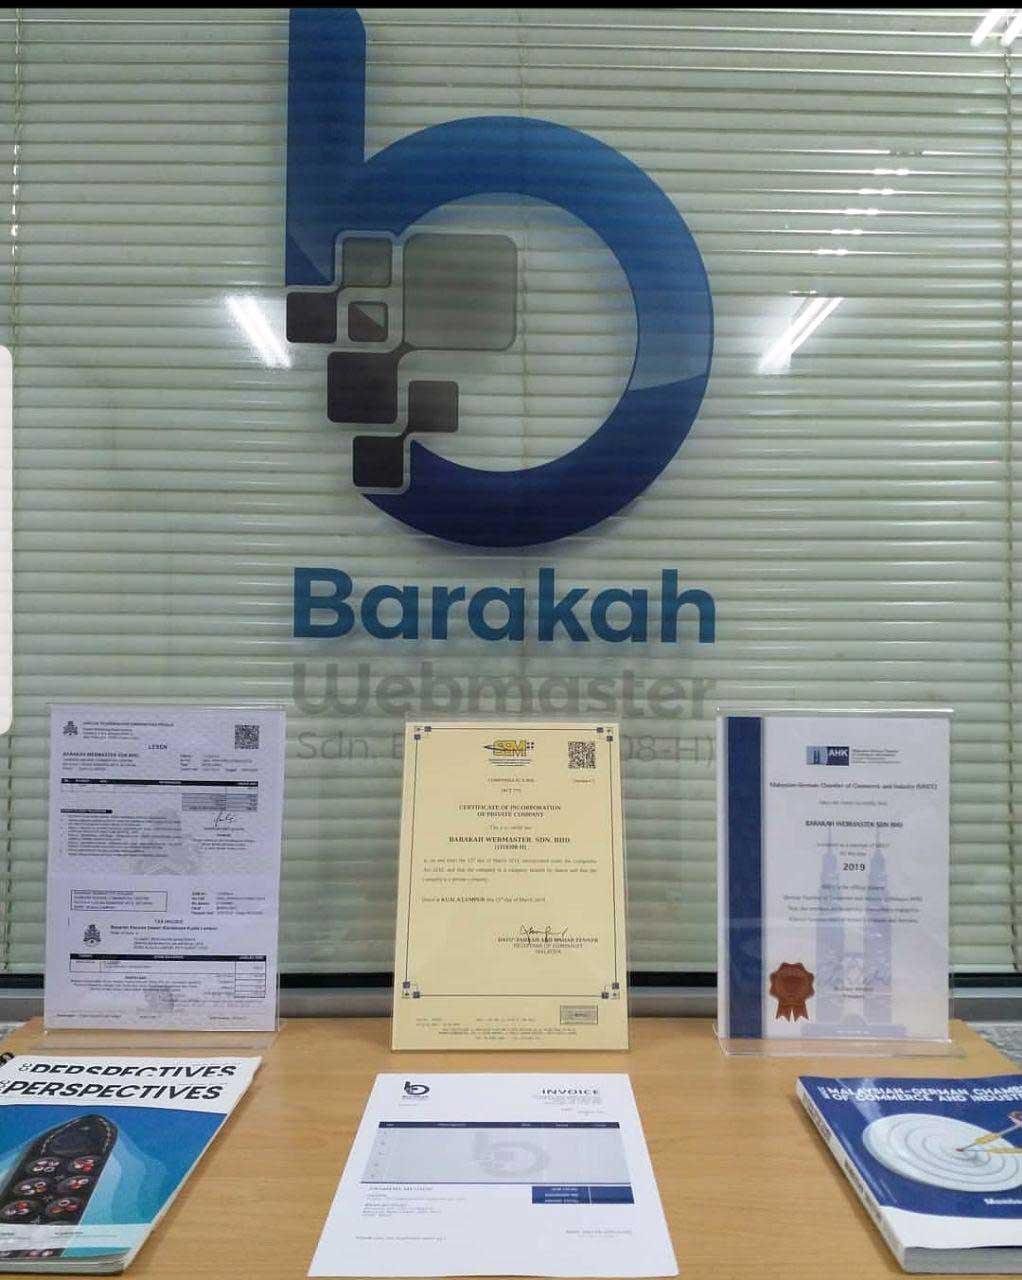 Barakah Webmaster Member of MGCC